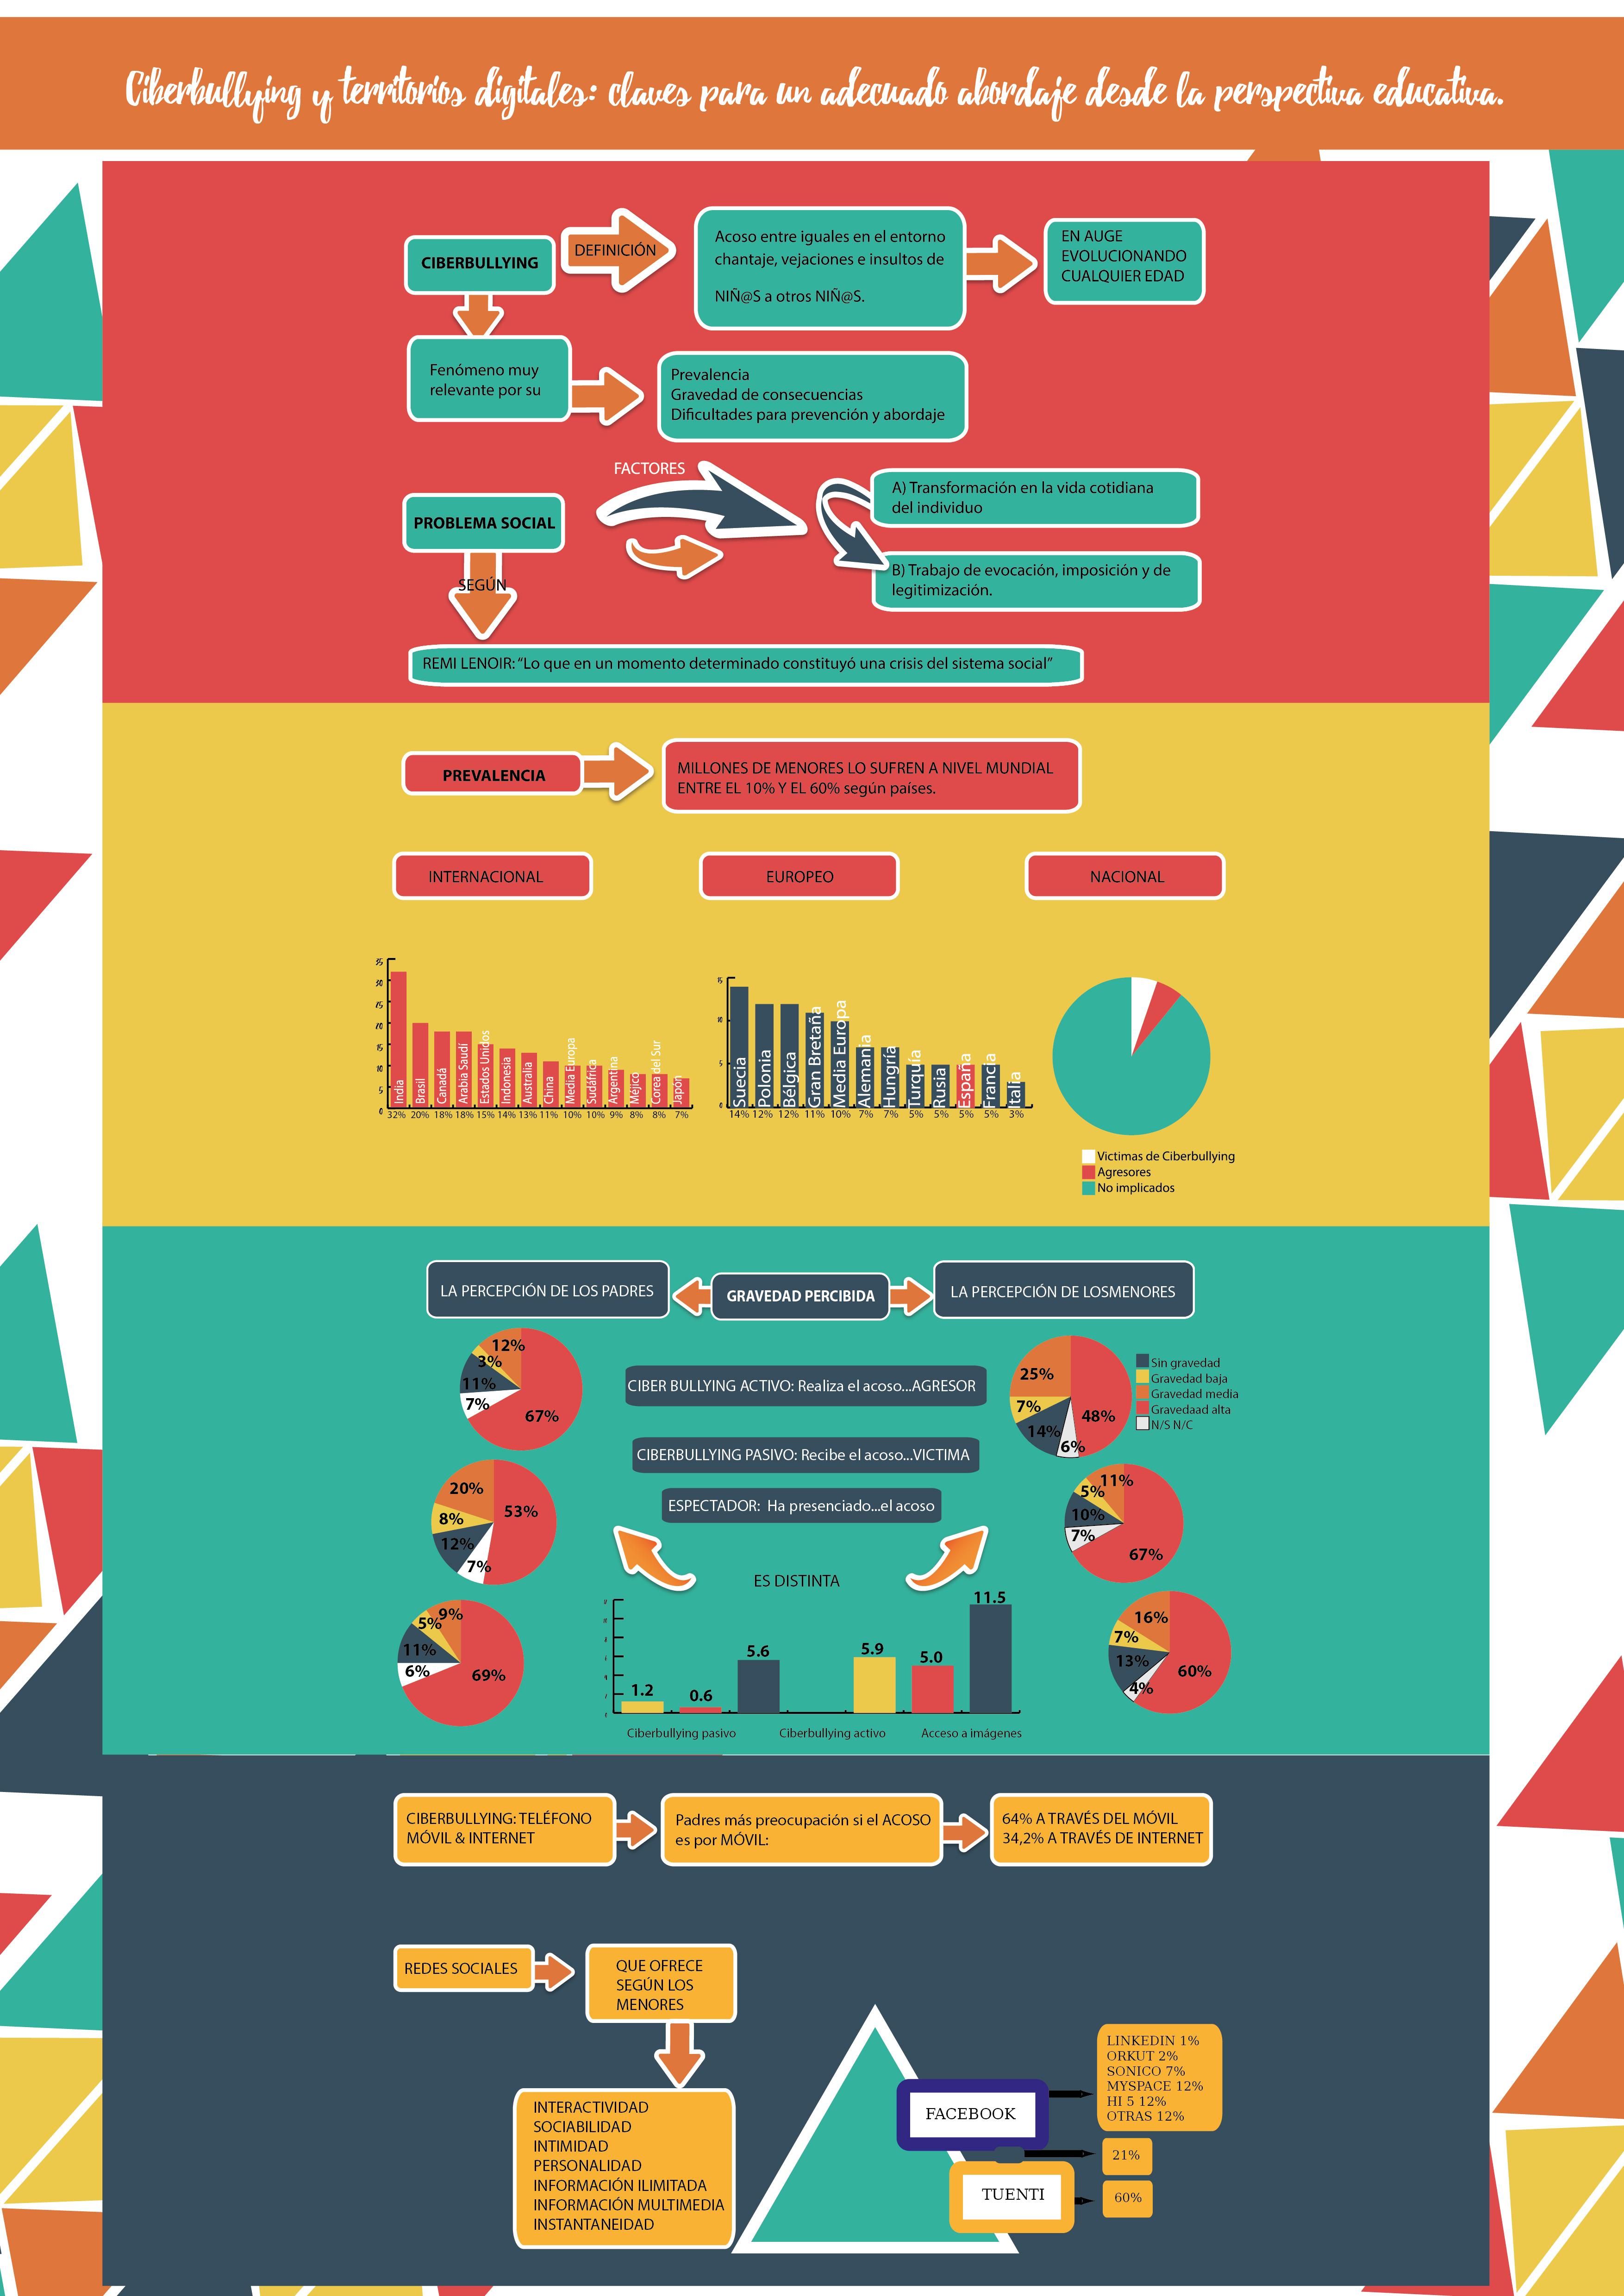 Ciberbulling y territorios digitales: claves para un adecuado abordaje desde la perspectiva educativa